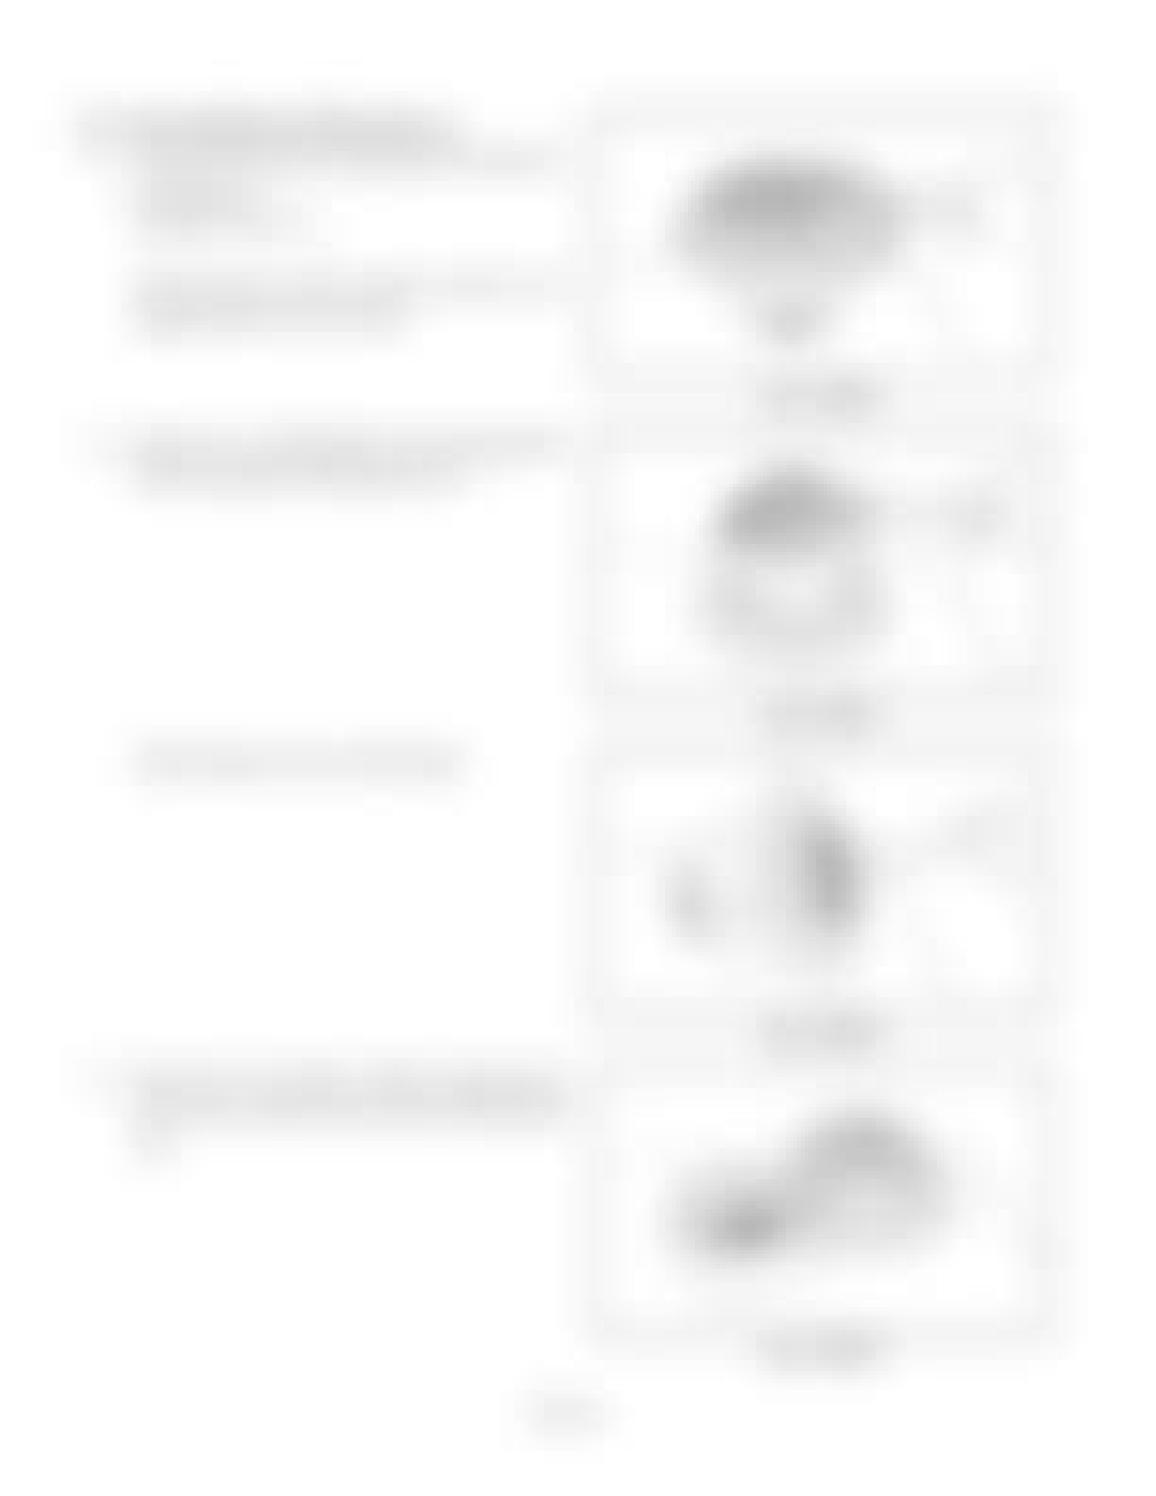 Hitachi LX110-7 LX130-7 LX160-7 LX190-7 LX230-7 Wheel Loader Workshop Manual - PDF DOWNLOAD page 196